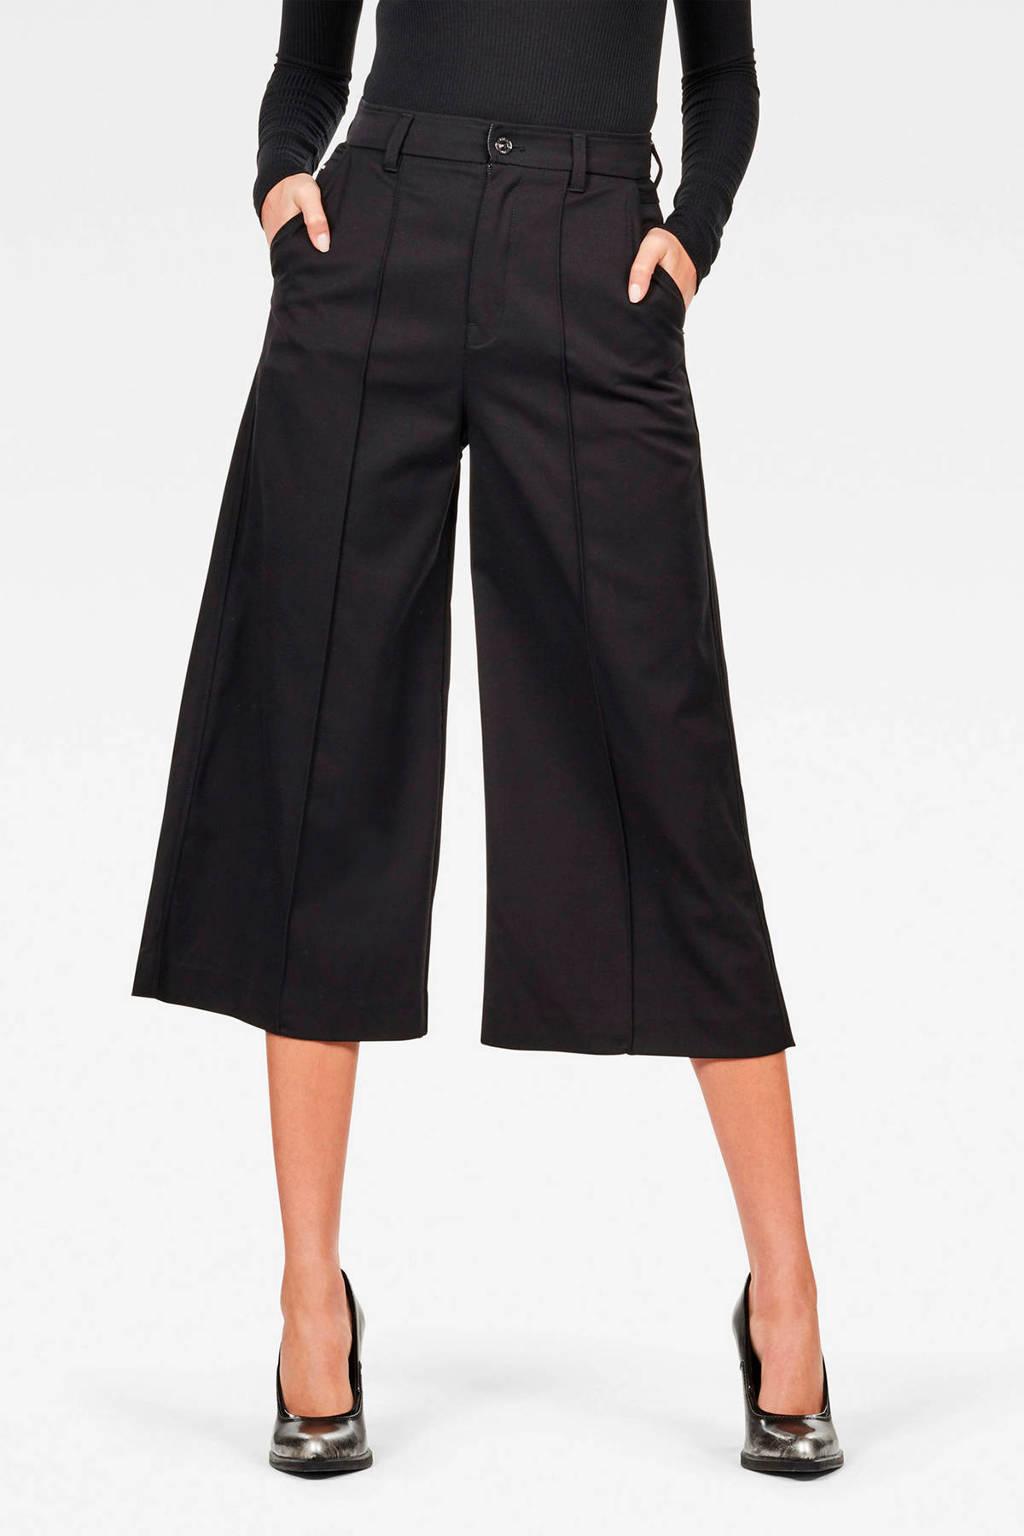 G-Star RAW high waist culotte zwart, Zwart